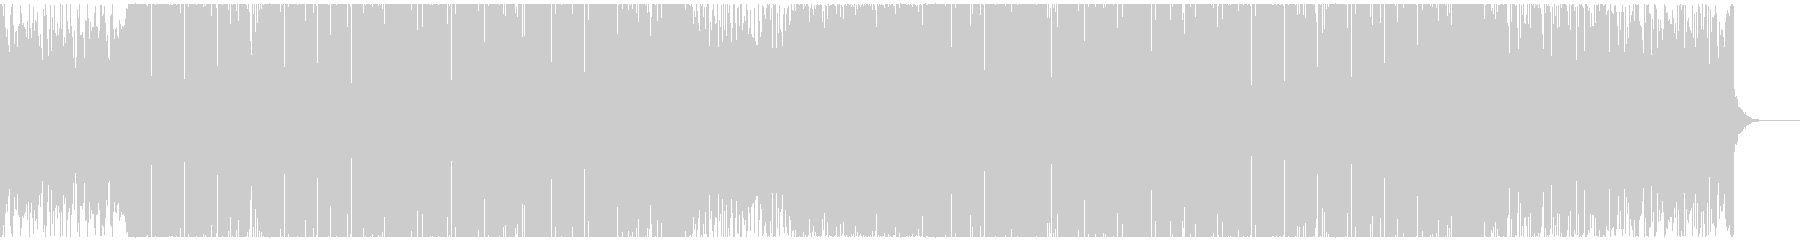 様々な音がカラフルな広がりのあるEDMの未再生の波形